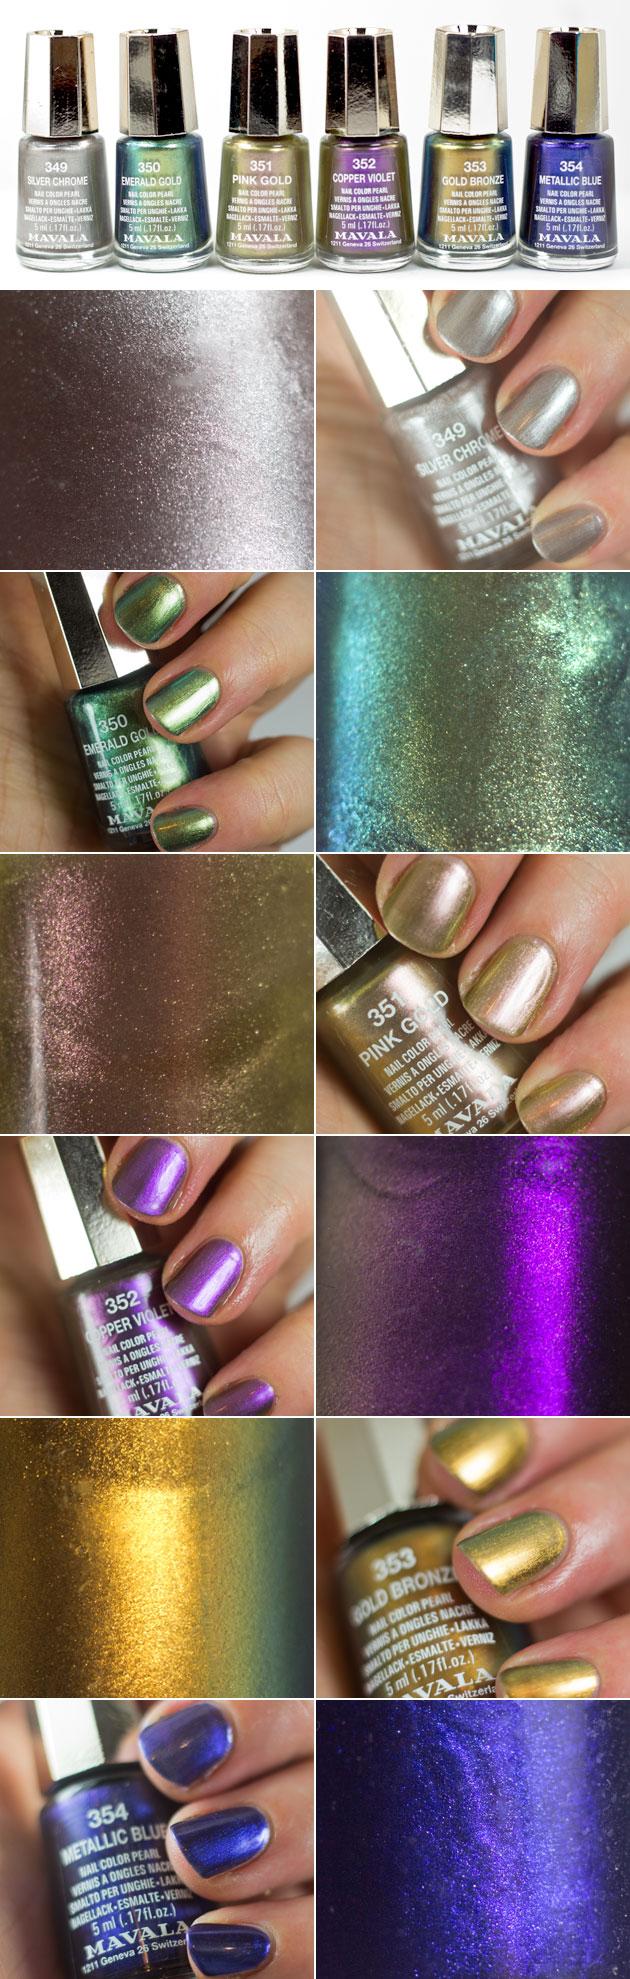 Mavala - Metropolitan Color's